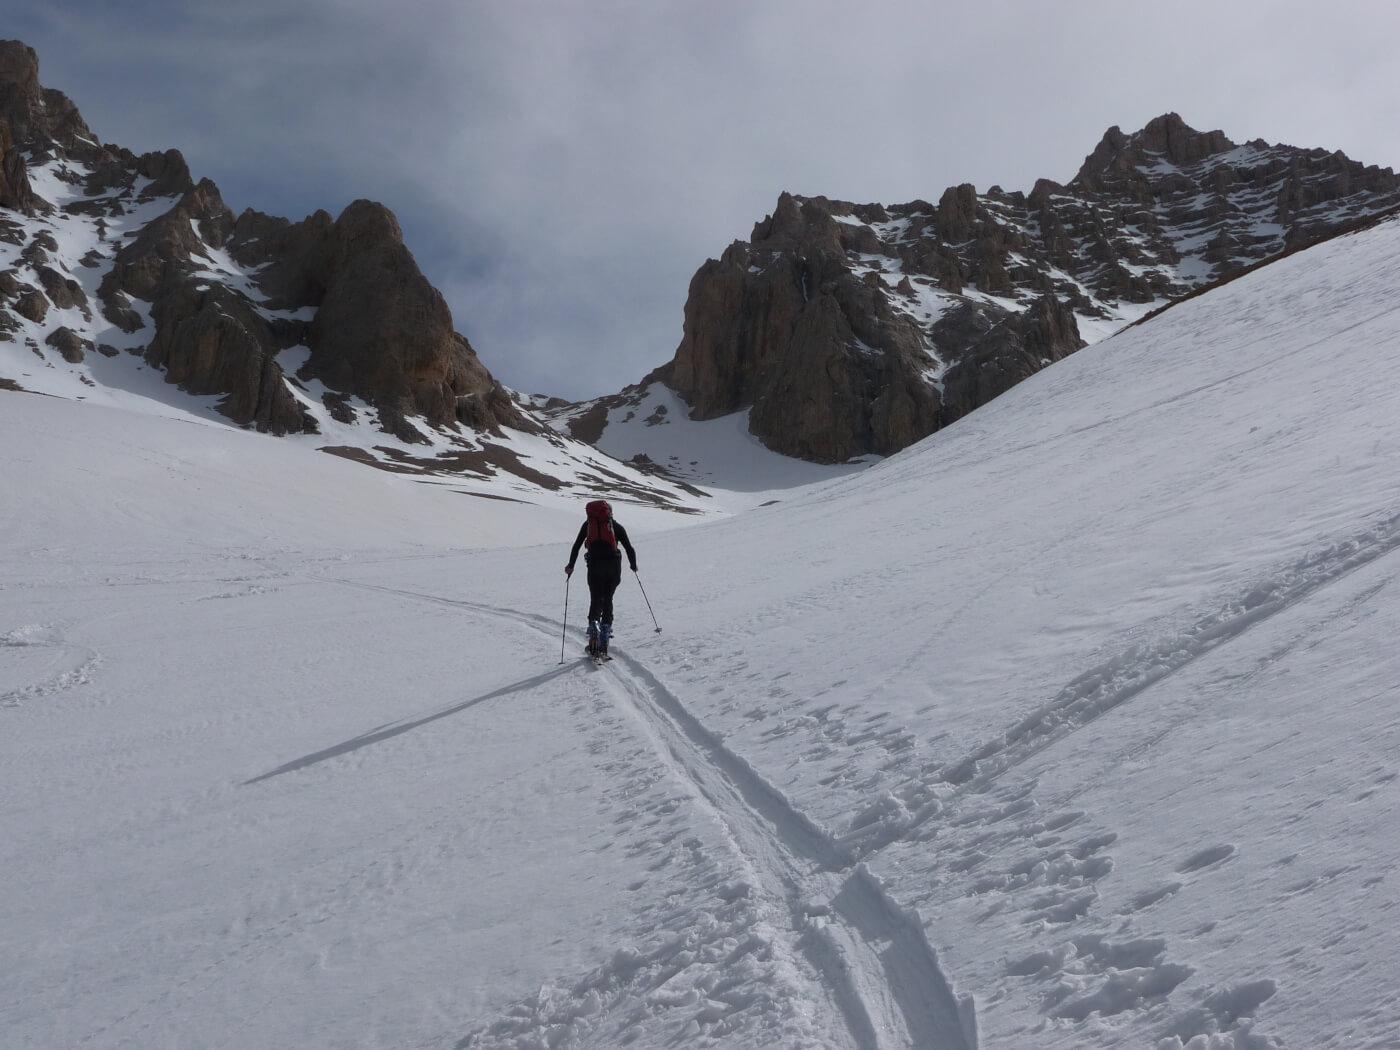 Schi-Touren im Taurusgebirge